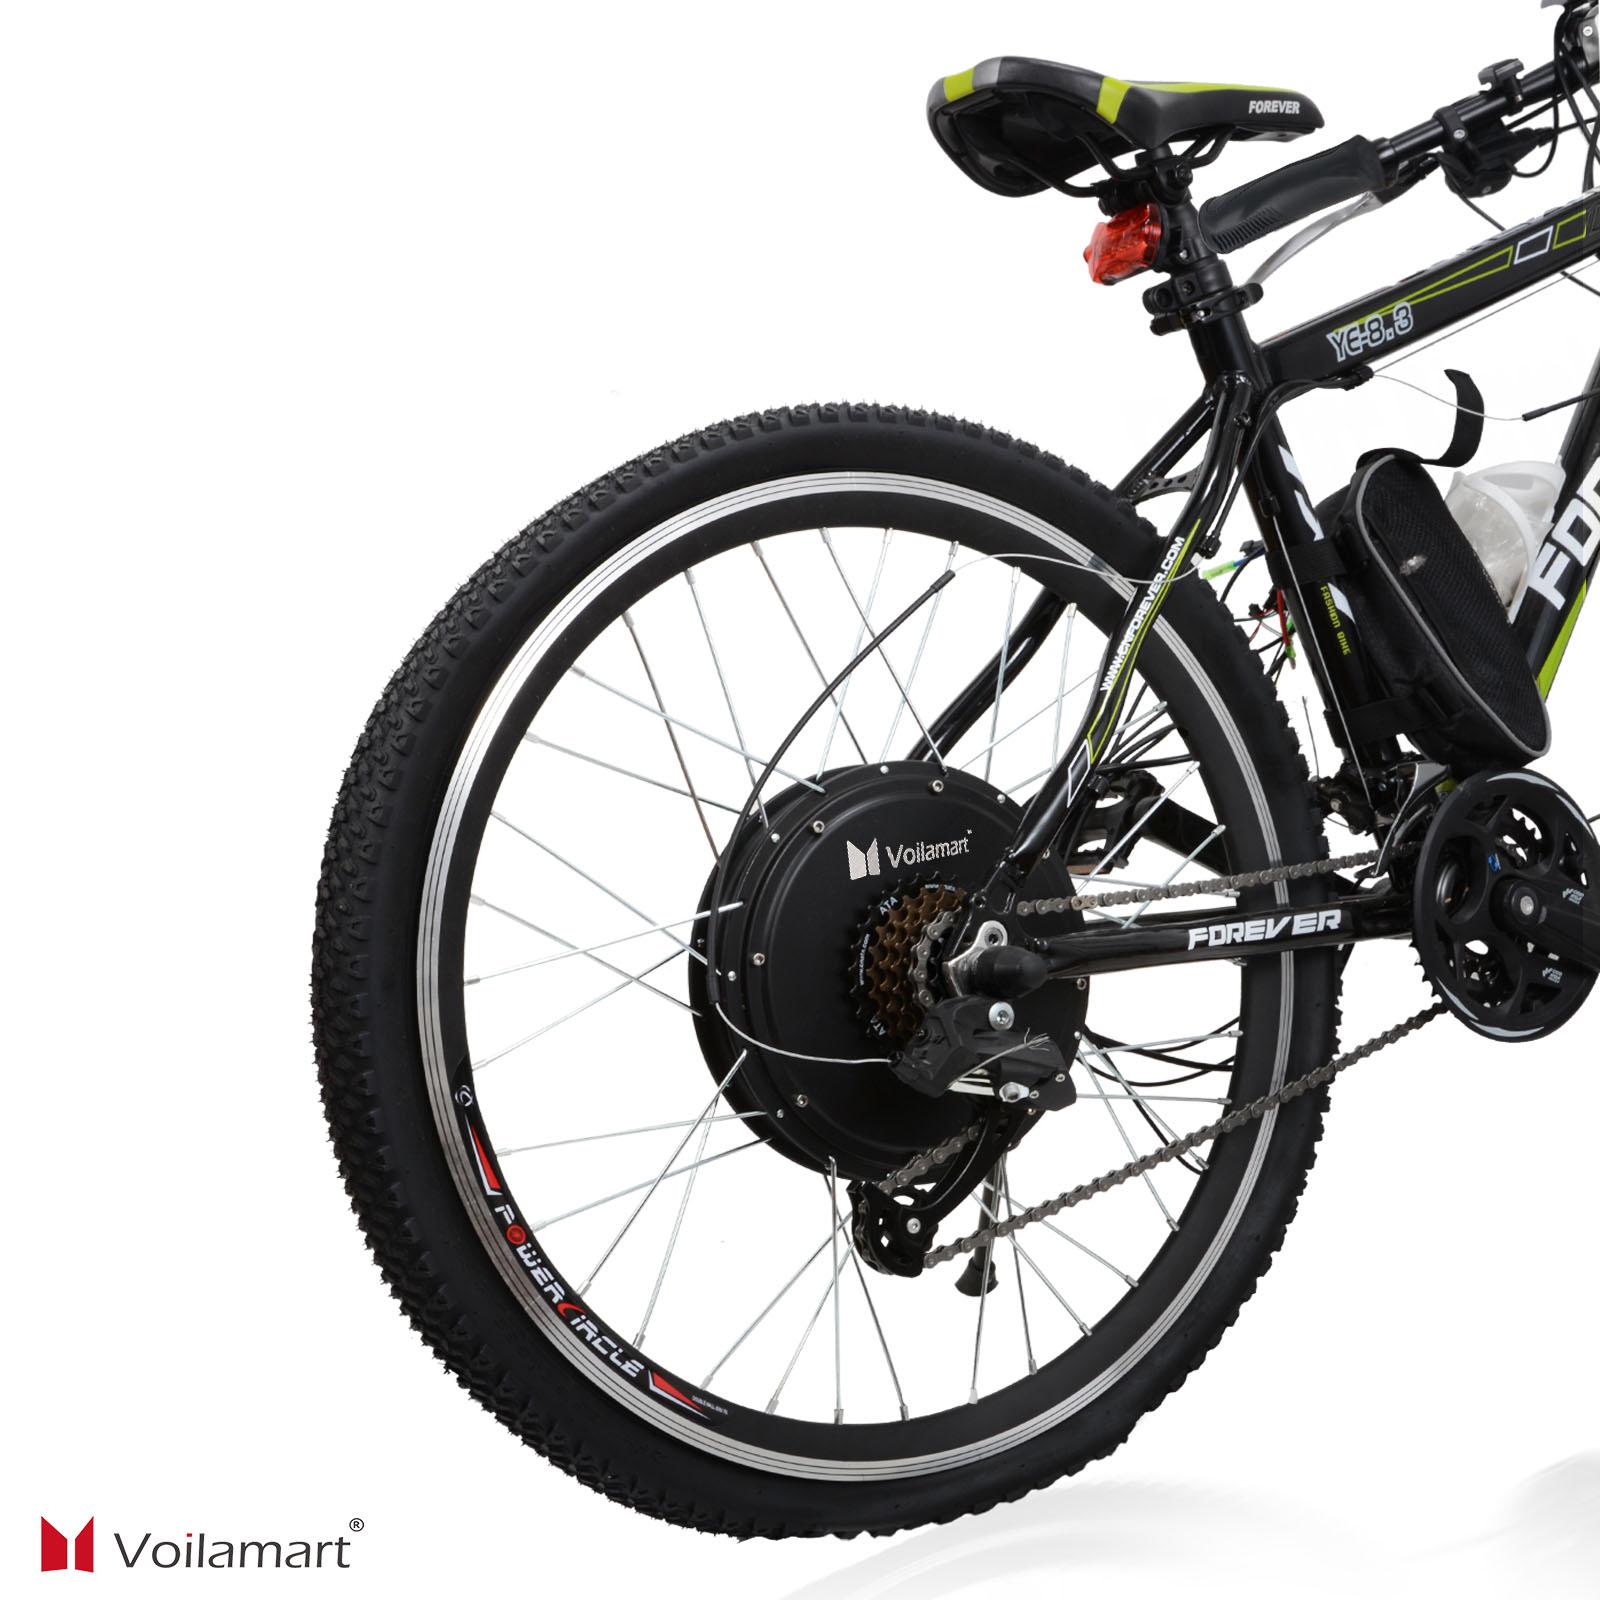 48v electric bicycle bike motor conversion kit 1000w 26. Black Bedroom Furniture Sets. Home Design Ideas